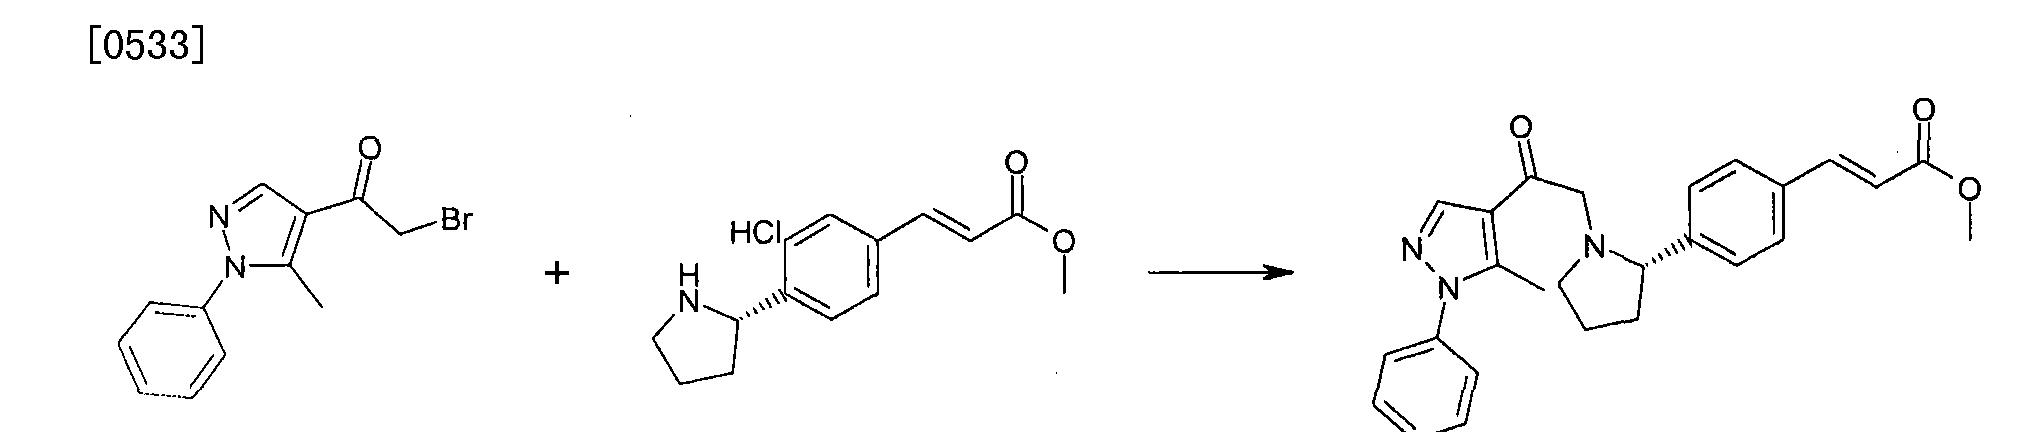 Figure CN102036955BD00841